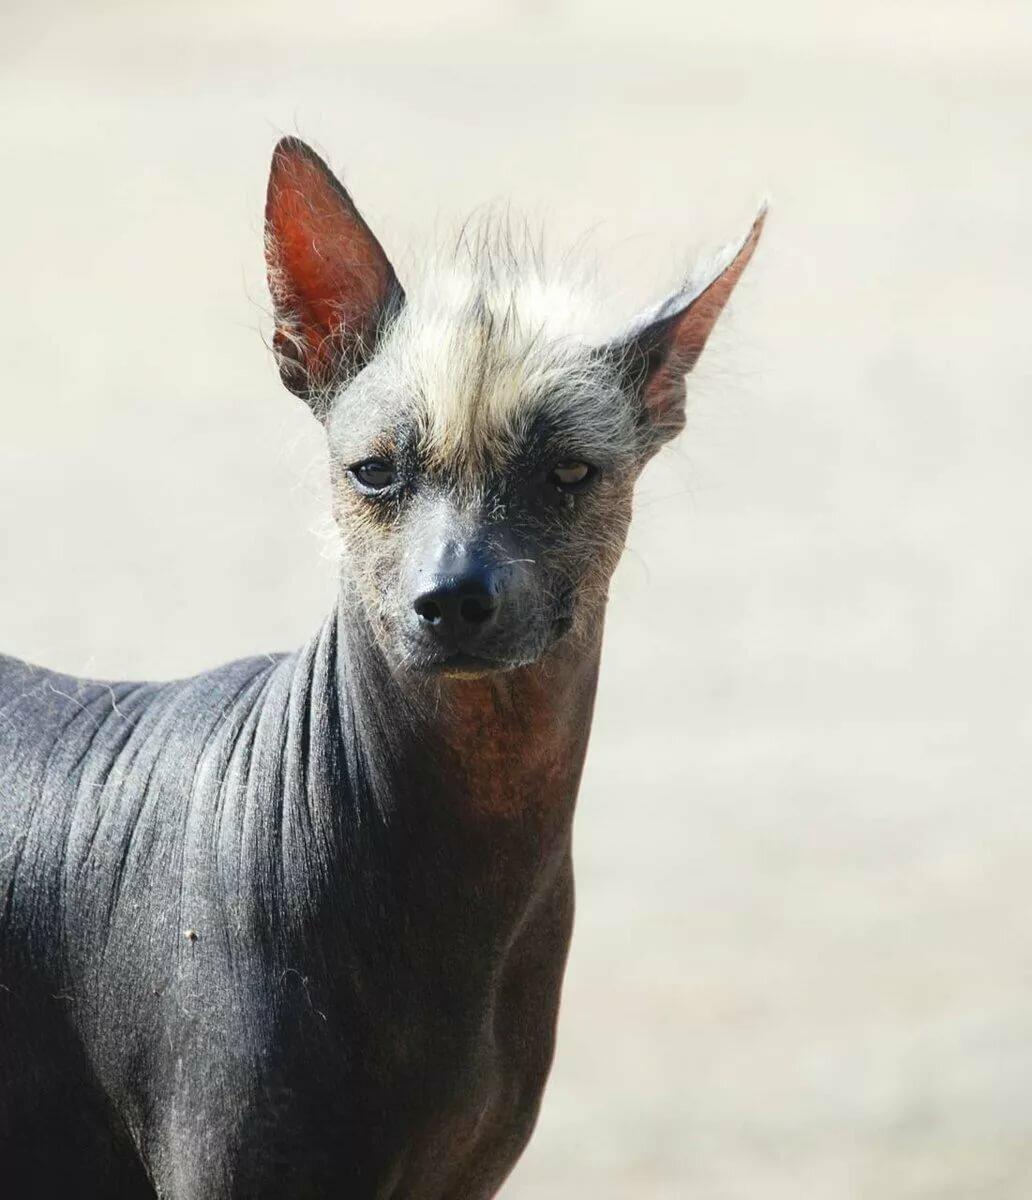 уже самые редкие собаки в мире фото с названиями определили